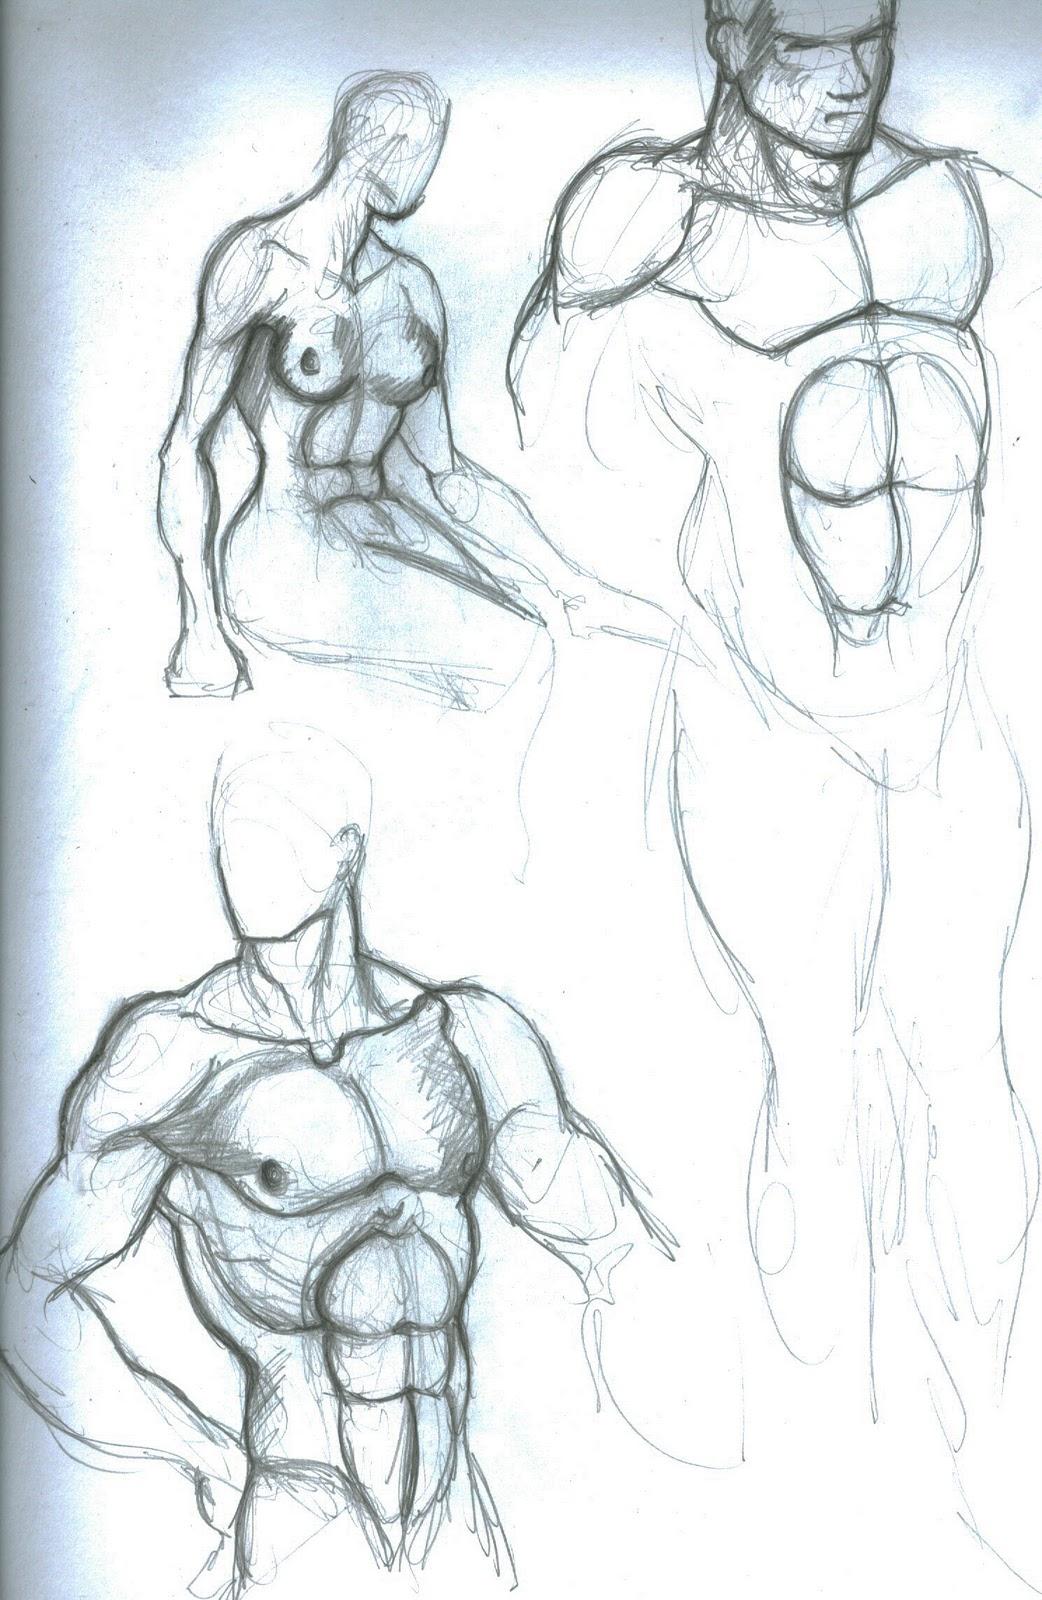 Graphyx Medley: Anatomy Studies